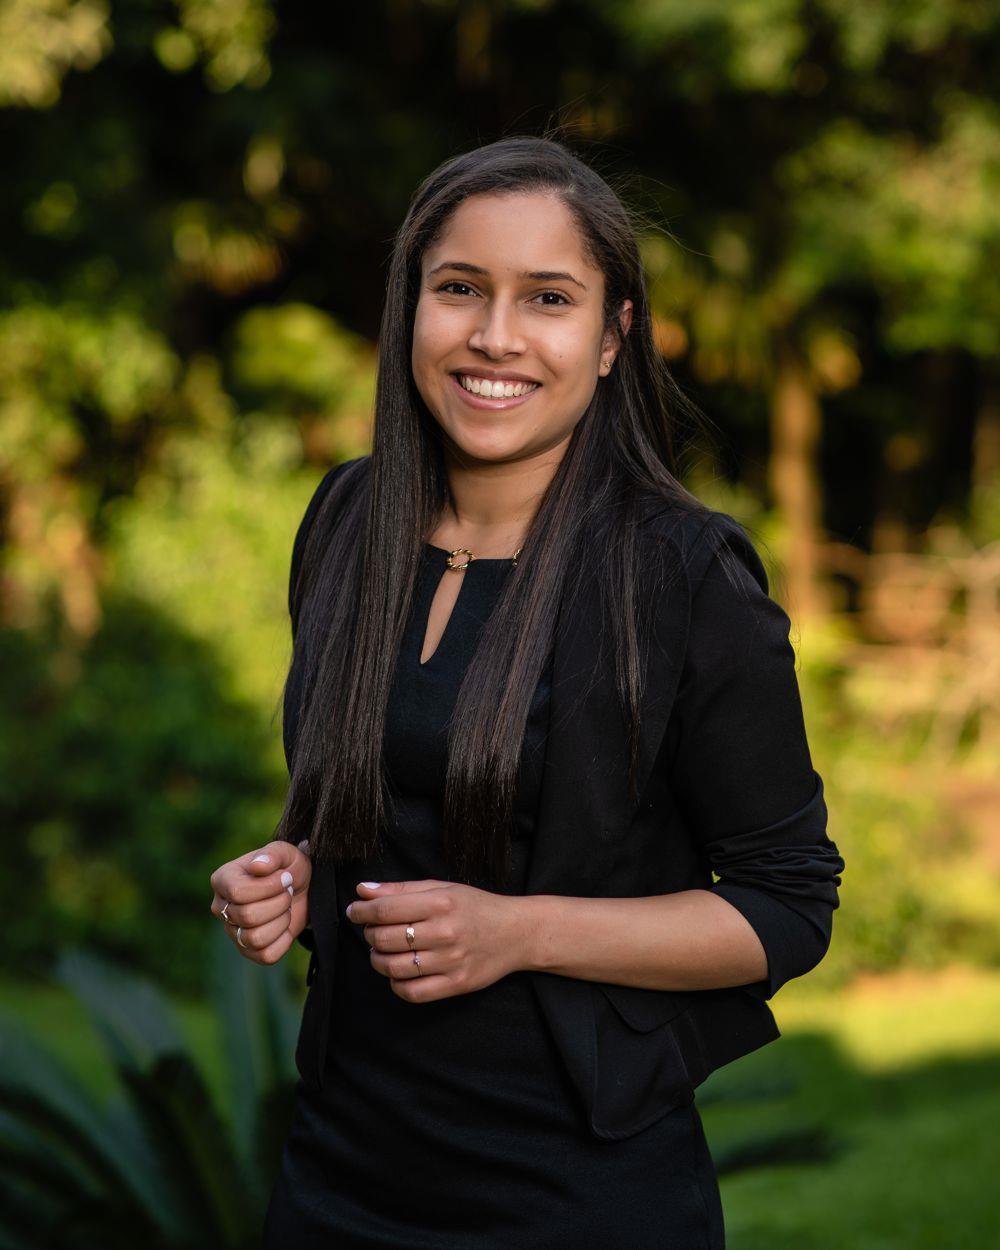 Janaína Rodrigues